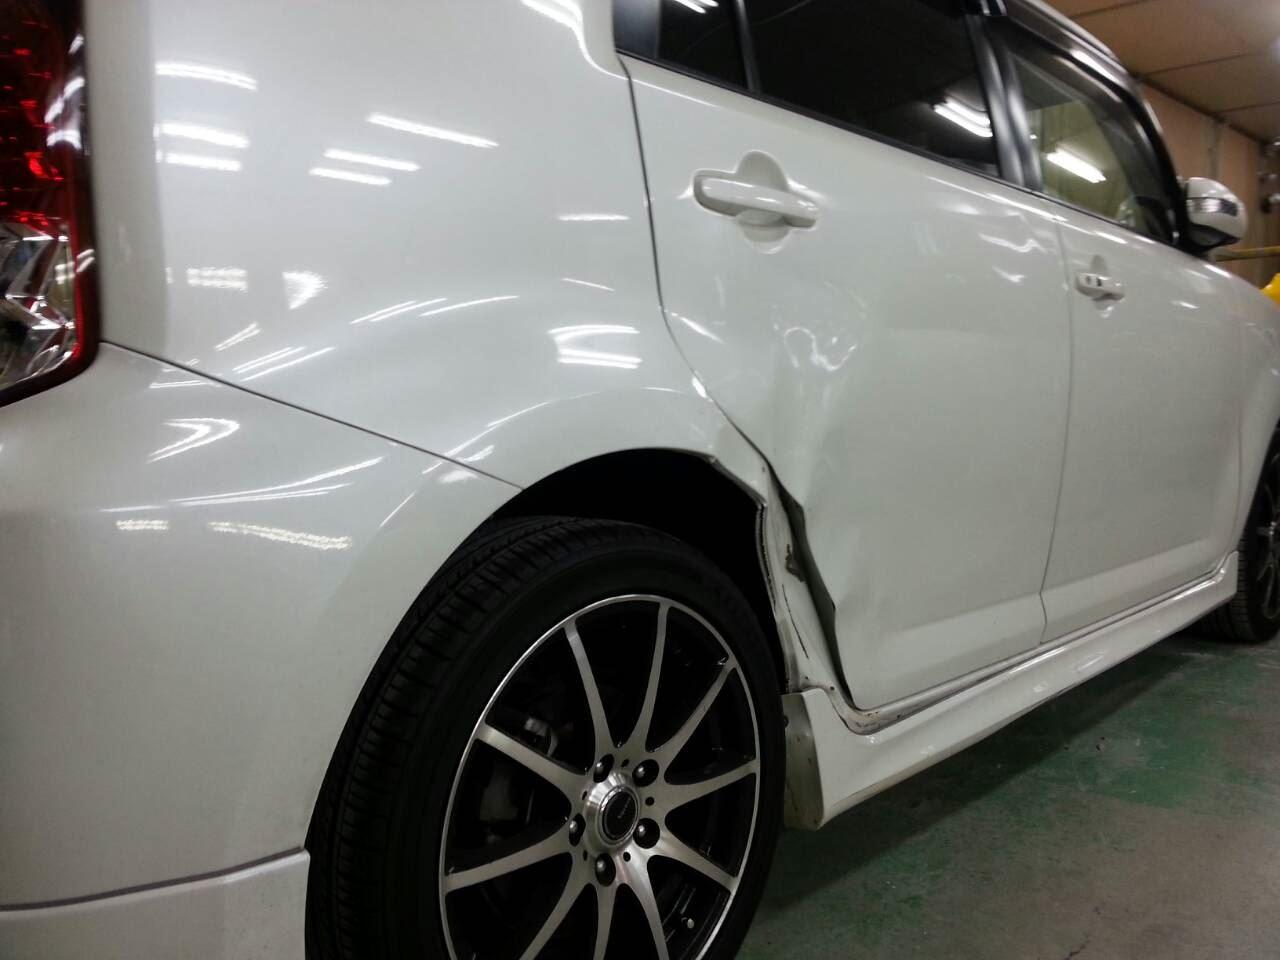 東京都立川市の車の板金塗装修理工場 ガレージローライドのトヨタ カローラ ルミオンの右側面のキズ へこみ の板金 修理 塗装 です。